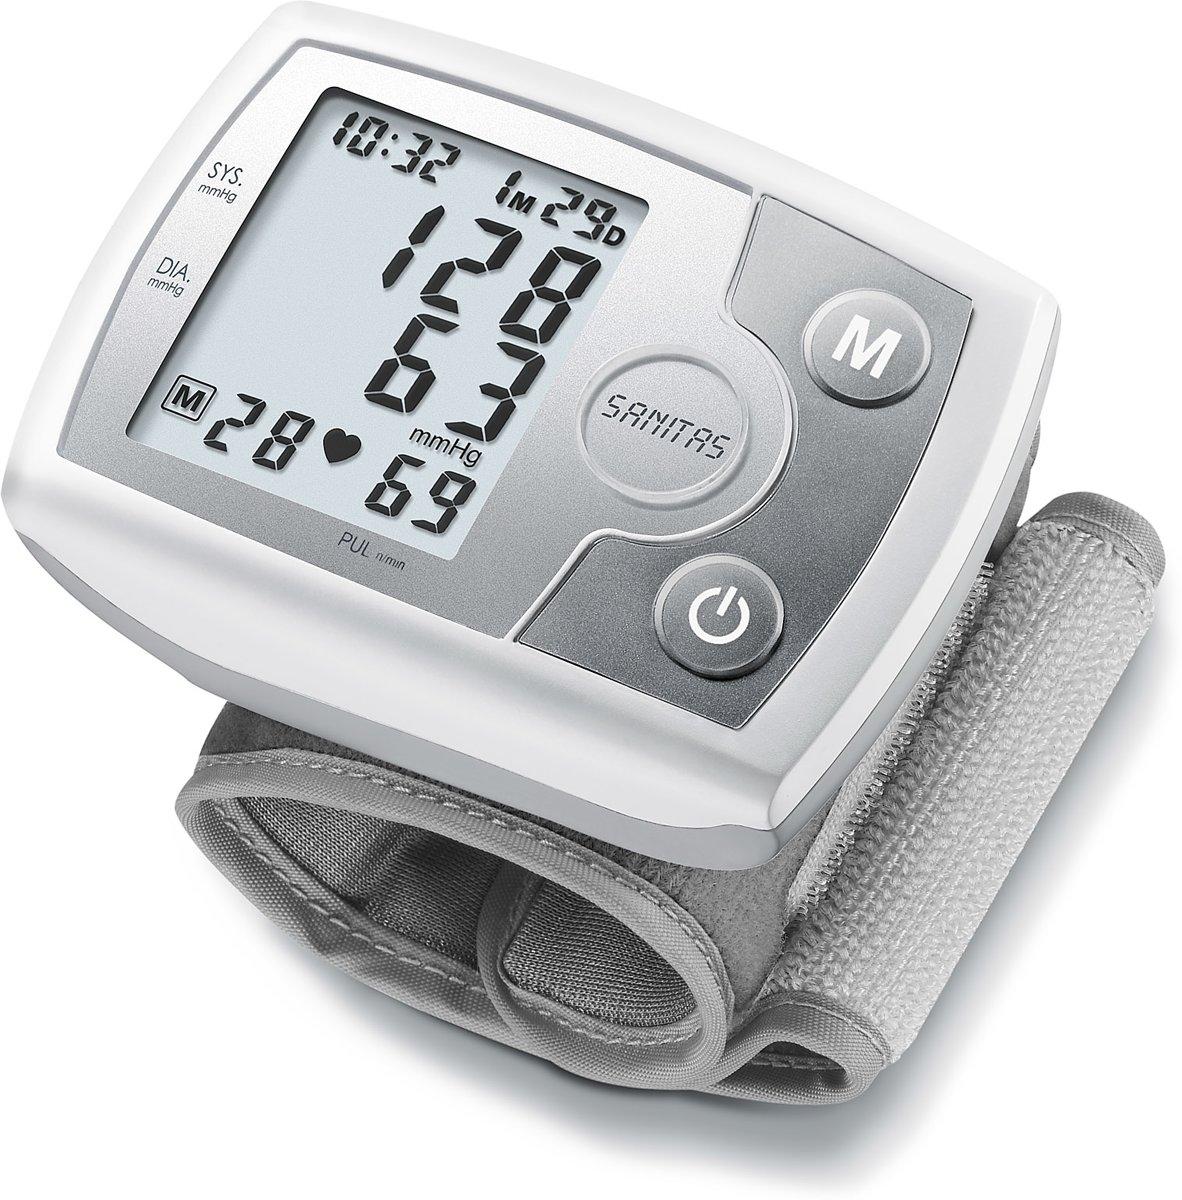 Sanitas SBM 03 - Pols bloeddrukmeter